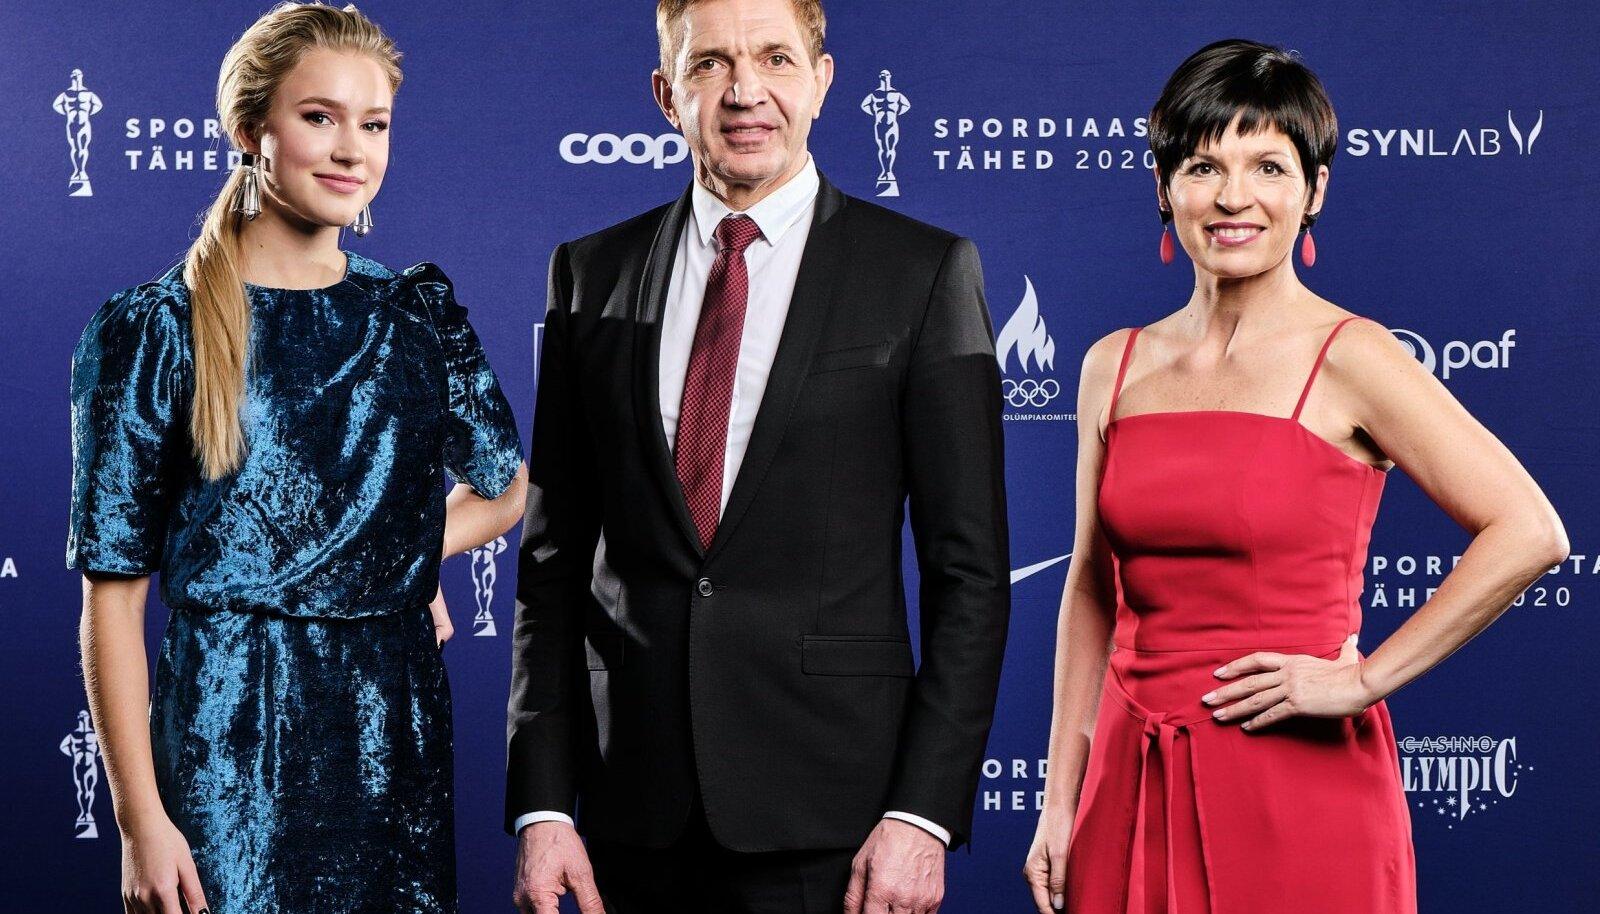 Parim noorsportlane Kelly Sildaru koos EOK presidendi Urmas Sõõrumaa ja parima treeneri Anna Levandiga.